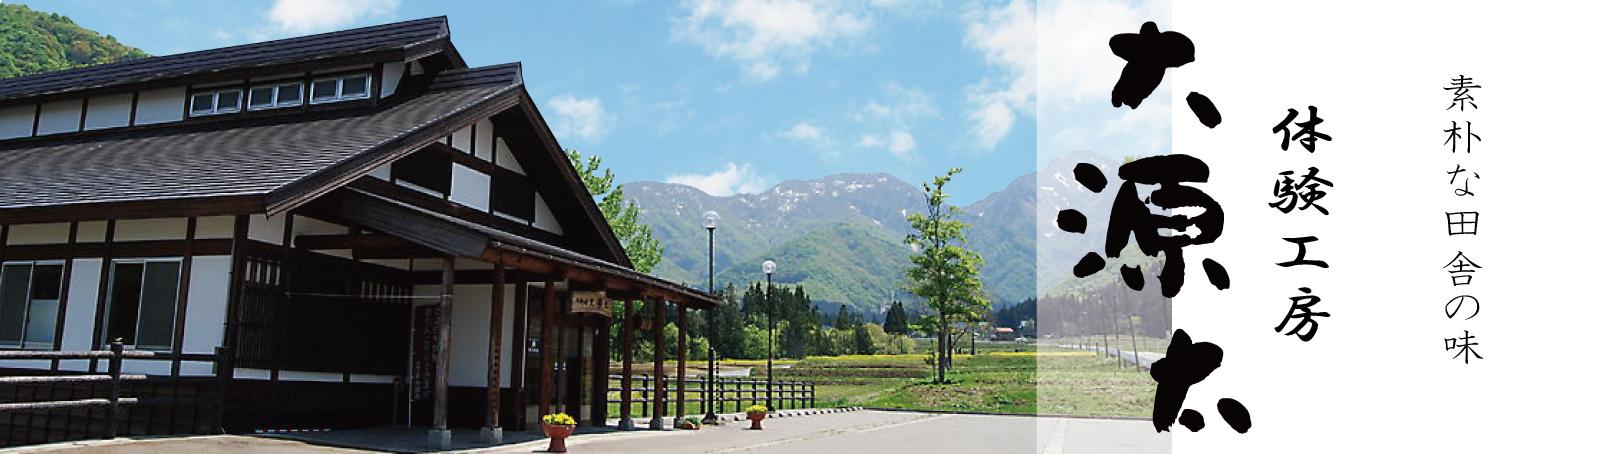 体験工房 大源太 | - 大源太山を望む花の郷で蕎麦打ち体験の楽しさを味わえる -